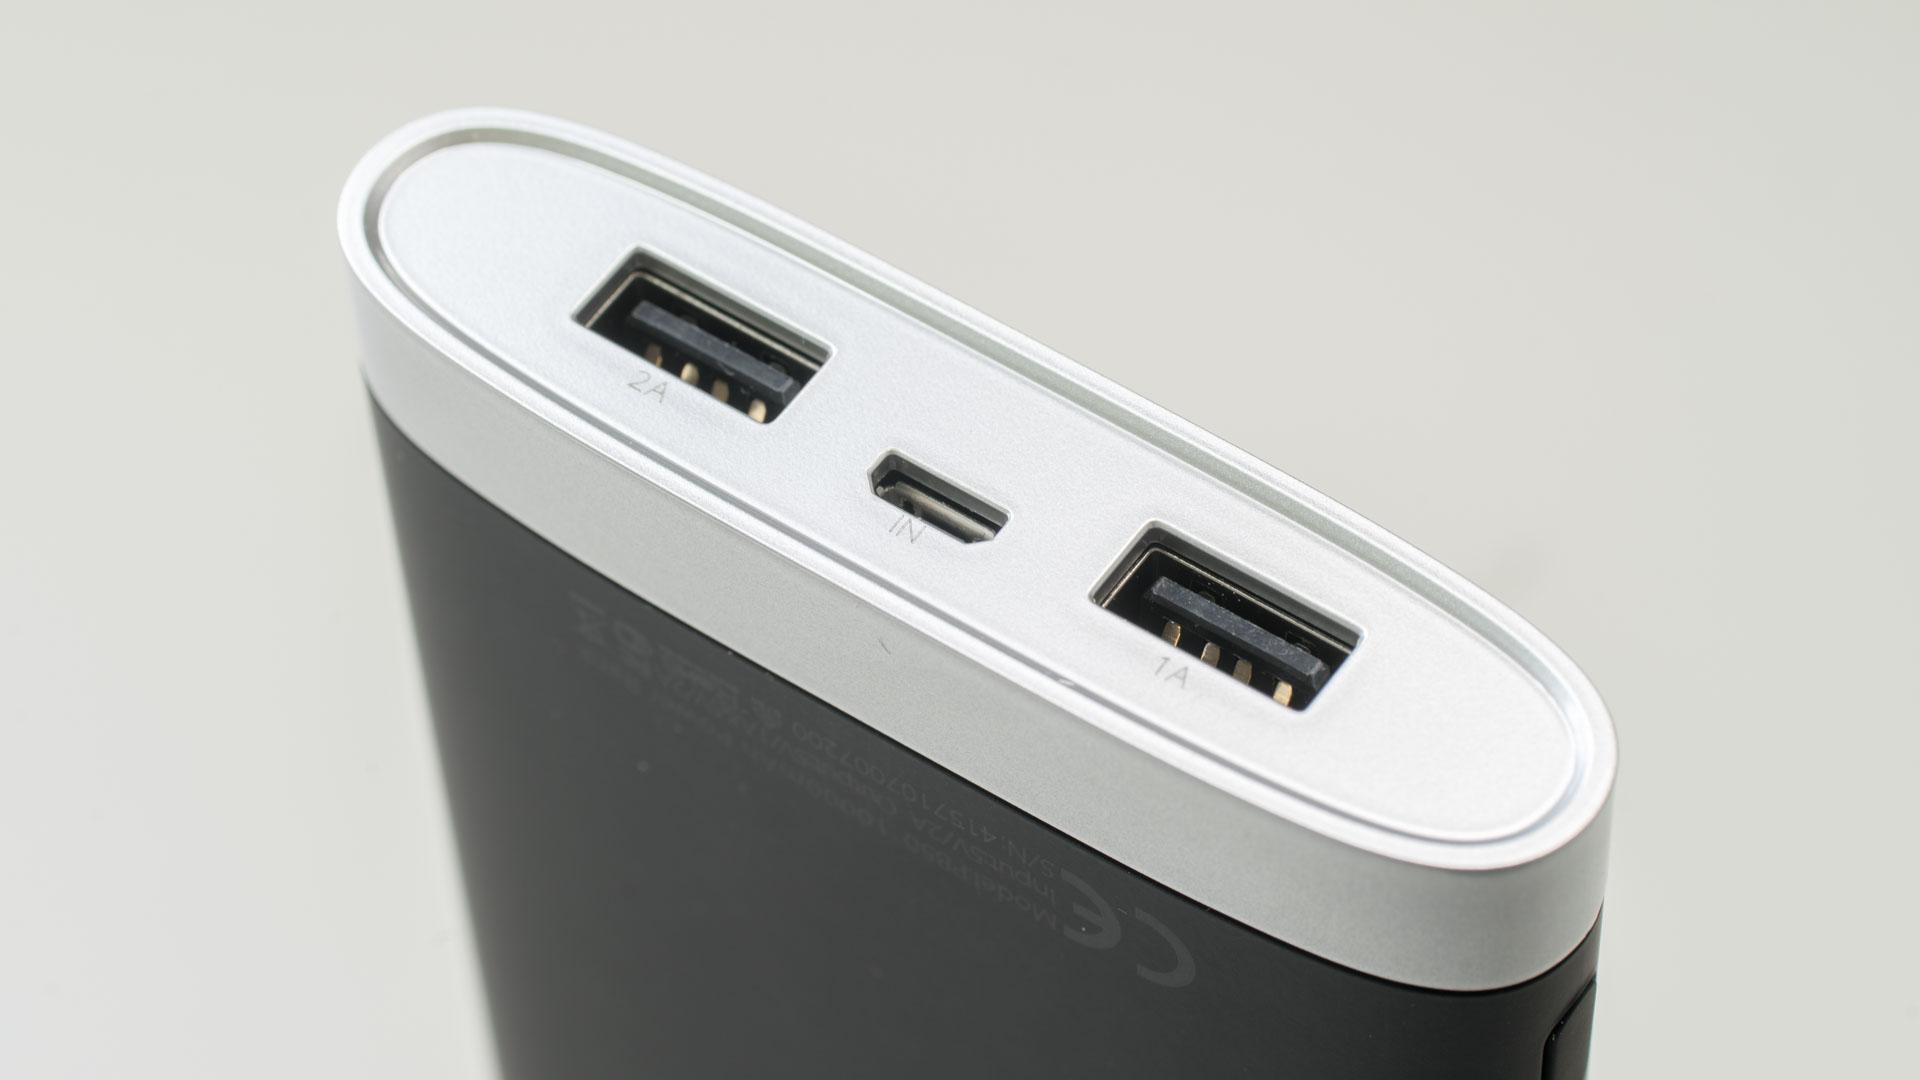 Die Tp Link Pb50 10000mah Powerbank Im Test Eine Der Besten Samsung Galaxy S9 Free Anker Mah 10000 Purple Powerbanks